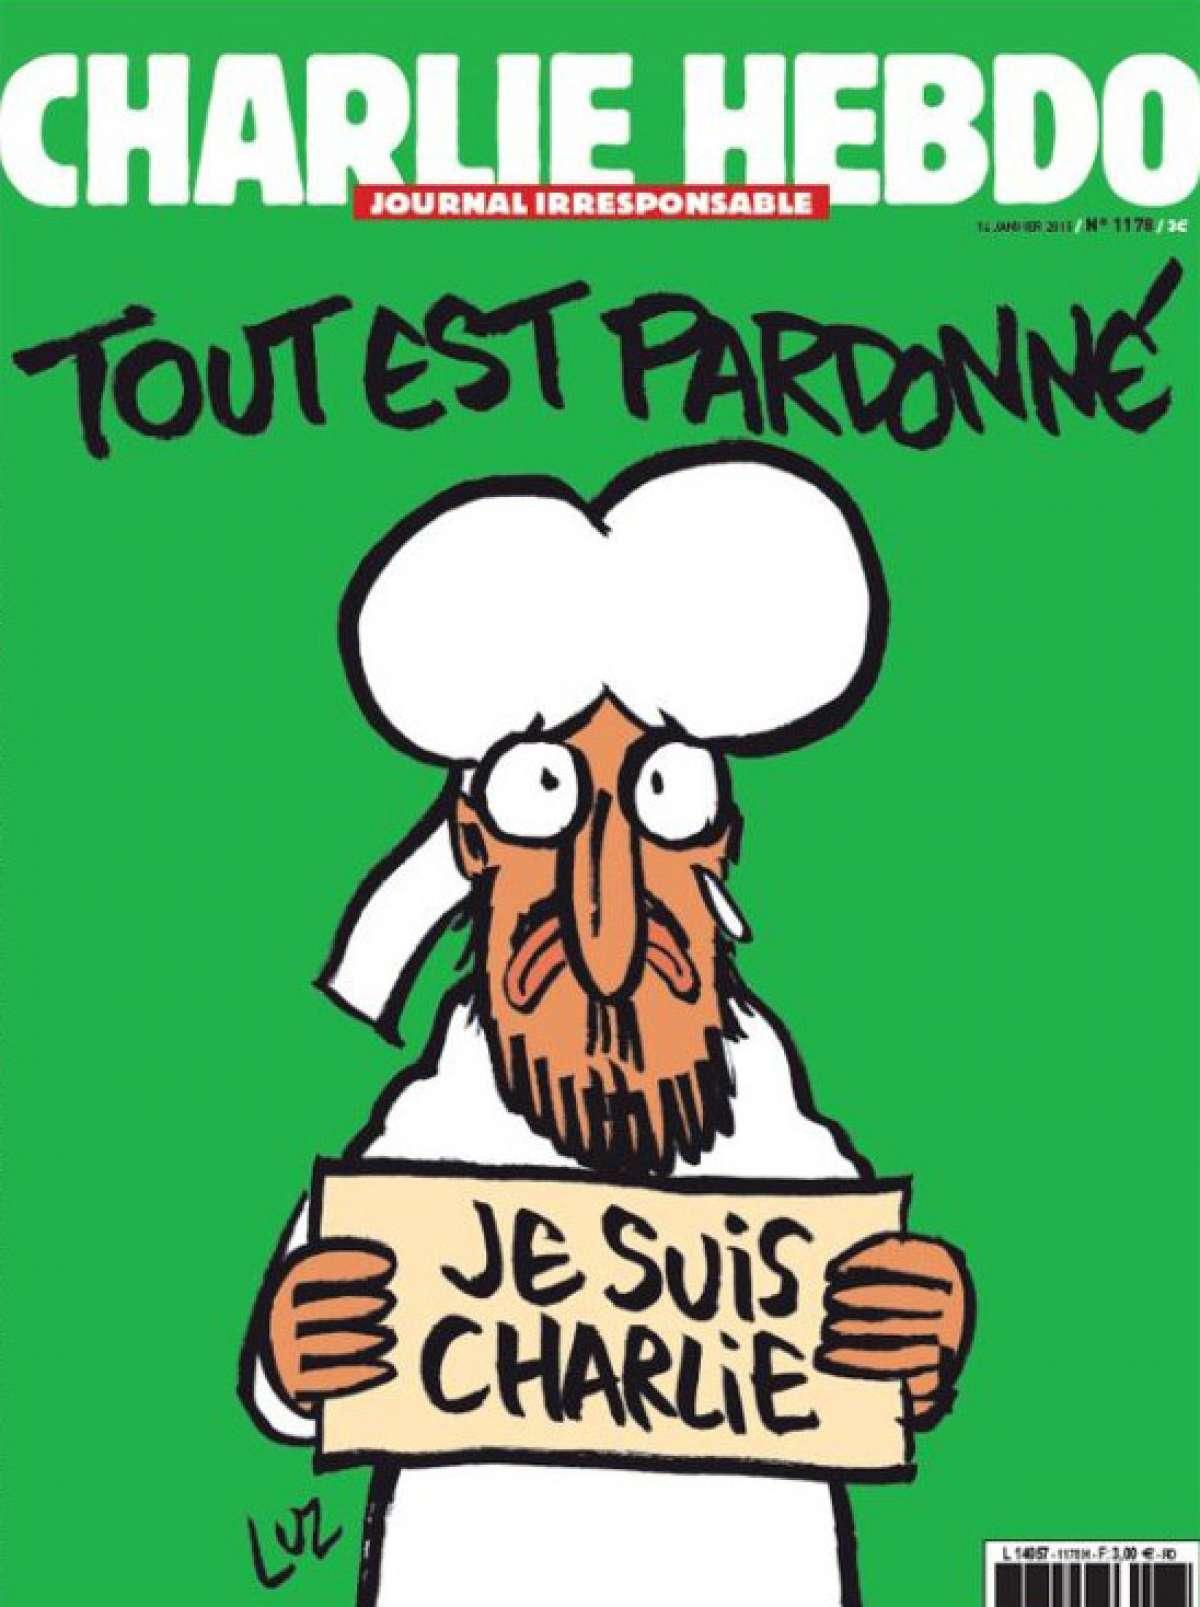 《查理周刊》、教皇和言论自由